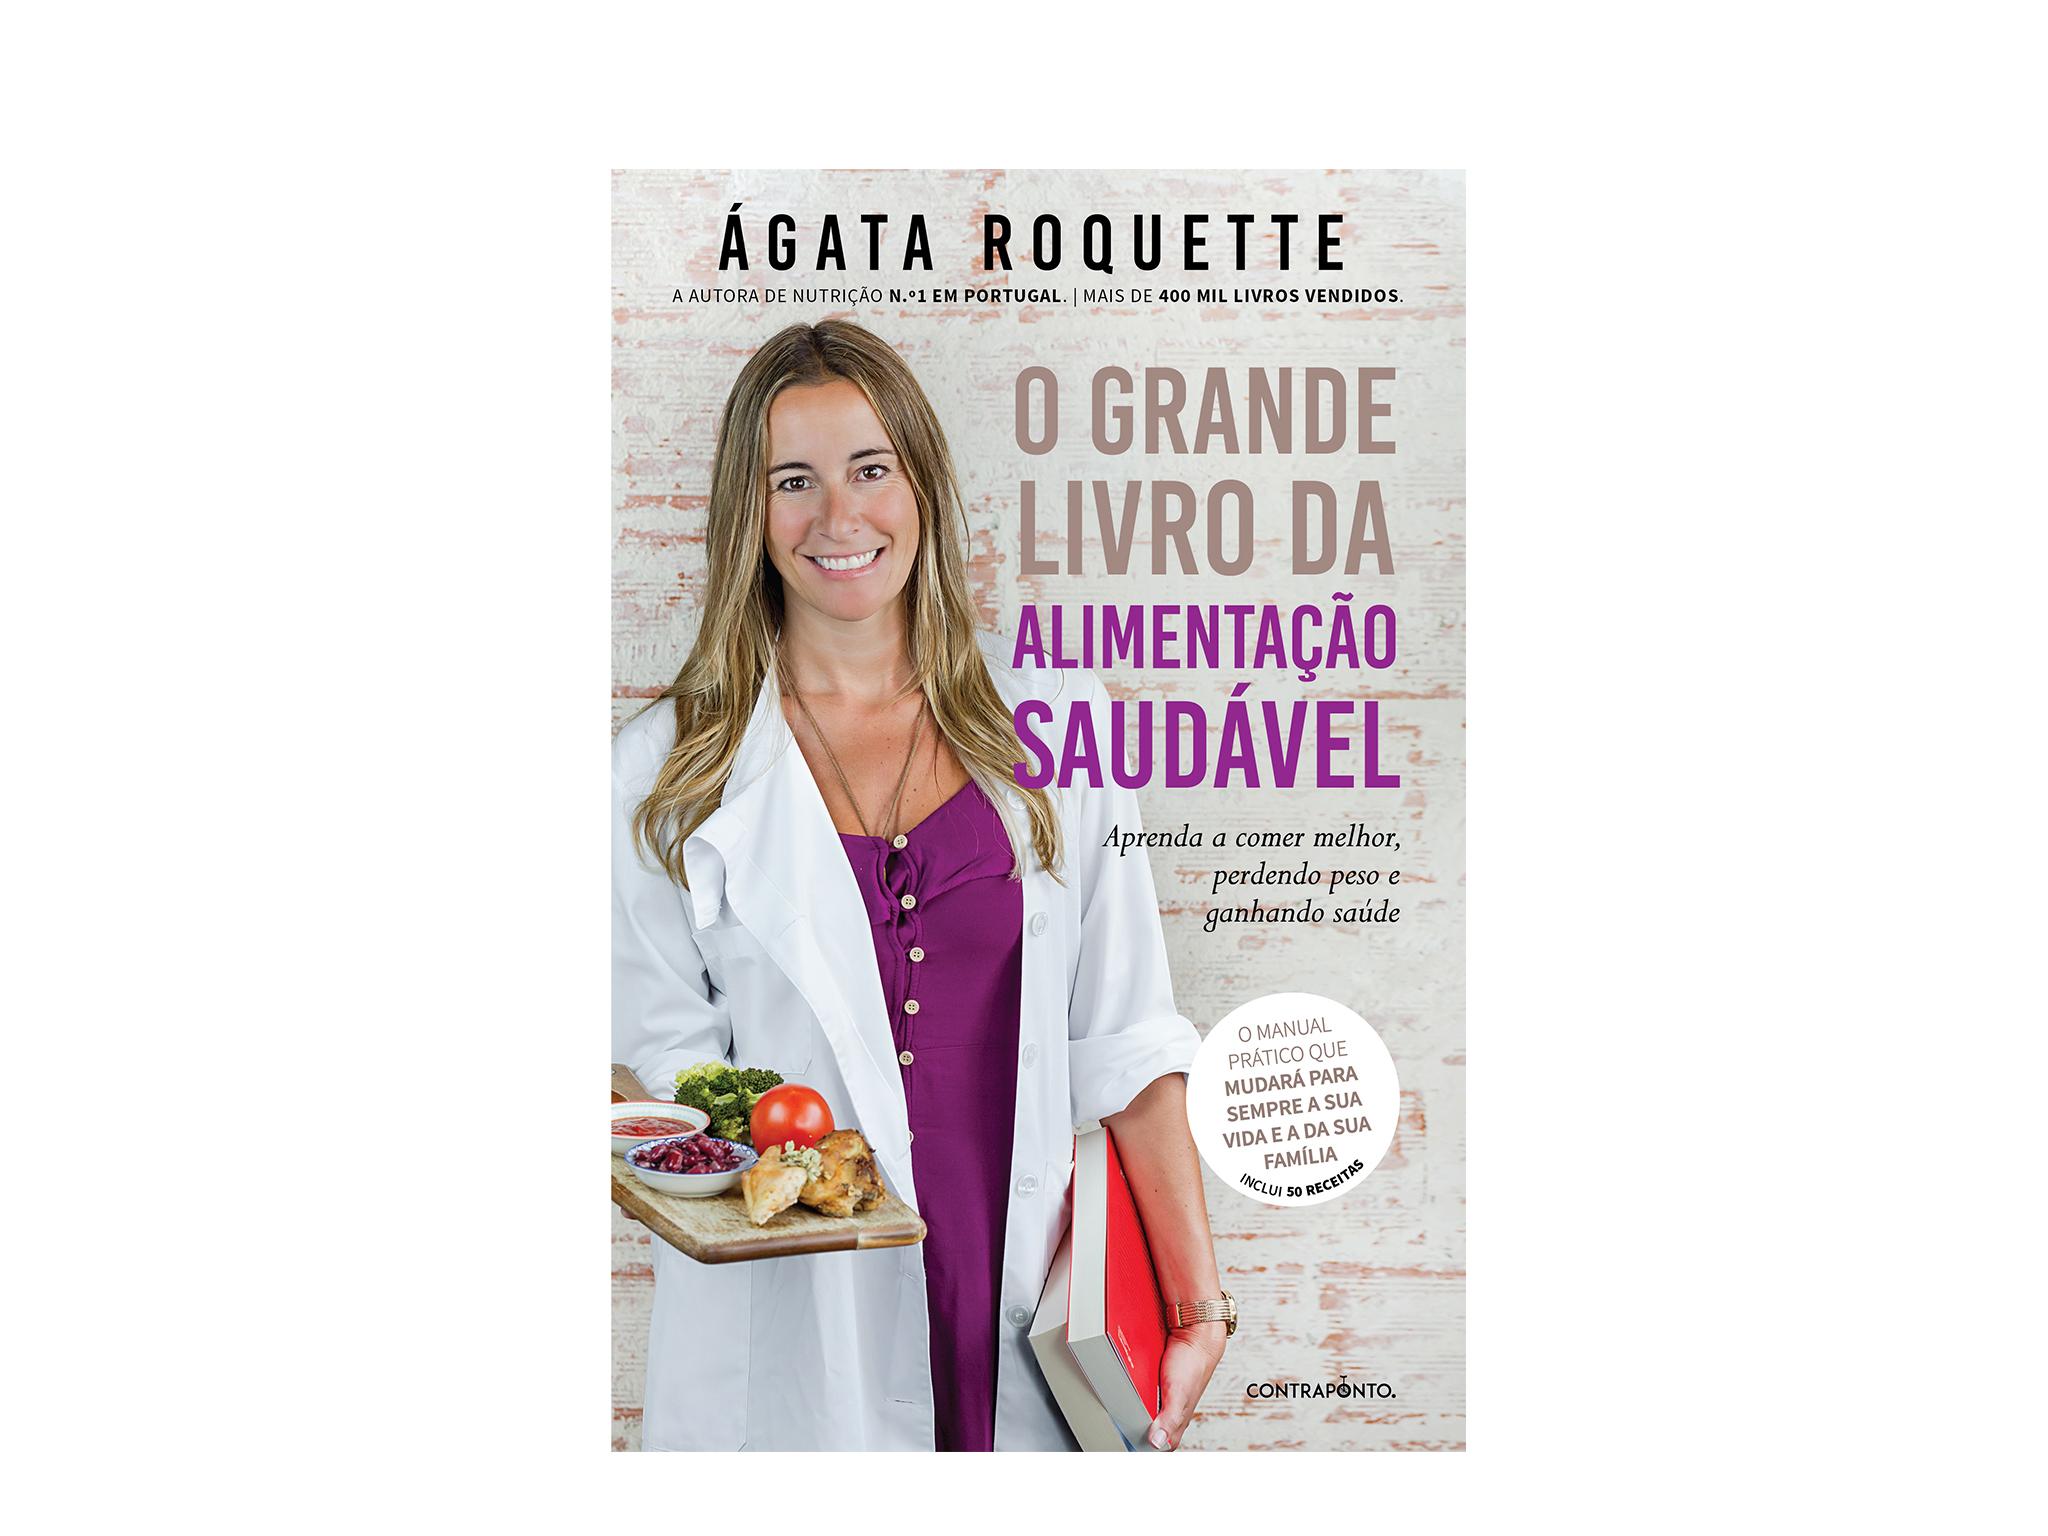 Livro, Cozinha, O Grande Livro da Alimentação, Ágata Roquette